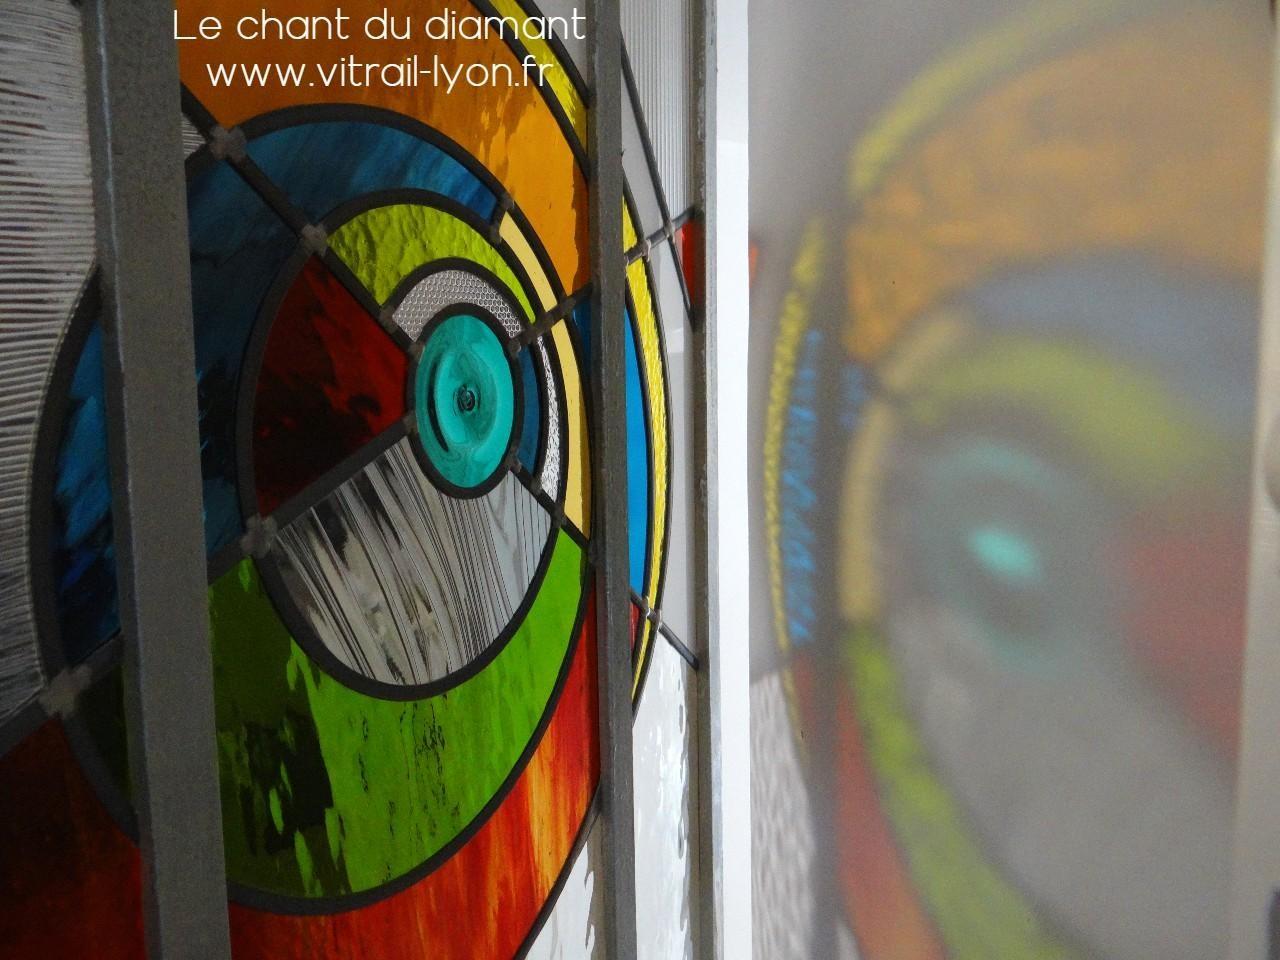 Vitrail creation contemporaine realise par marion rusconi lyon 69004